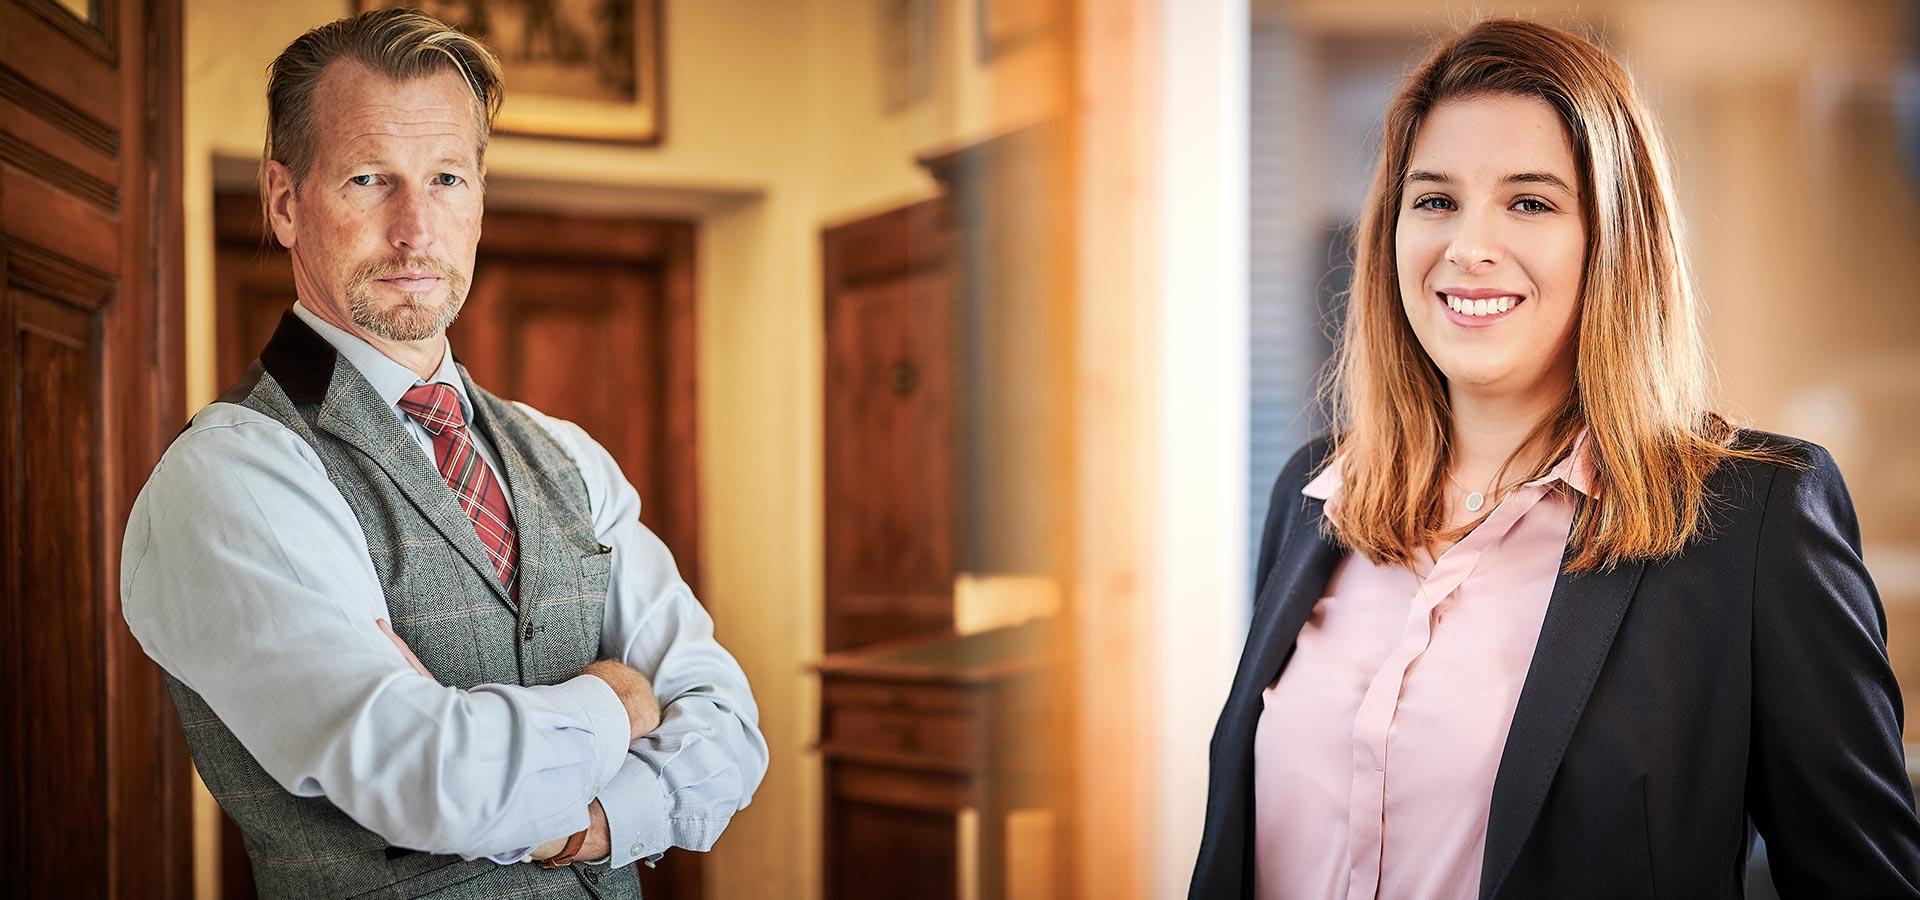 Rechtsanwalt Lippold Freiherr von Rössing und Rechtsanwältin Eva Sagmeister, Ihre Ansprechpartner beim Thema Arbeitsrecht